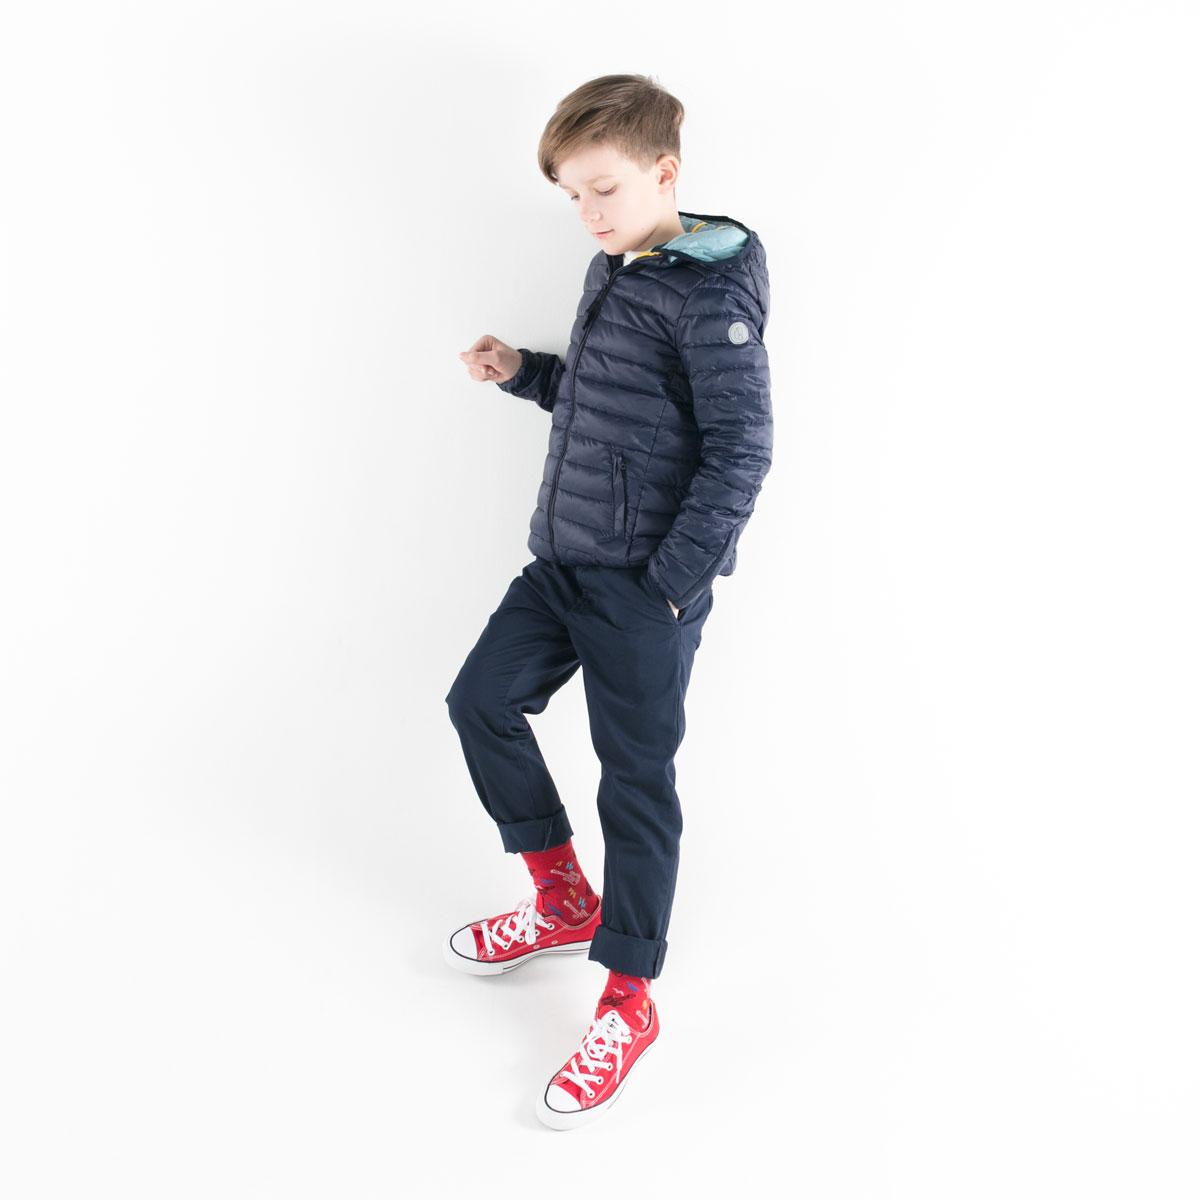 Pengu KIDS ultra light down jacket in dark blue